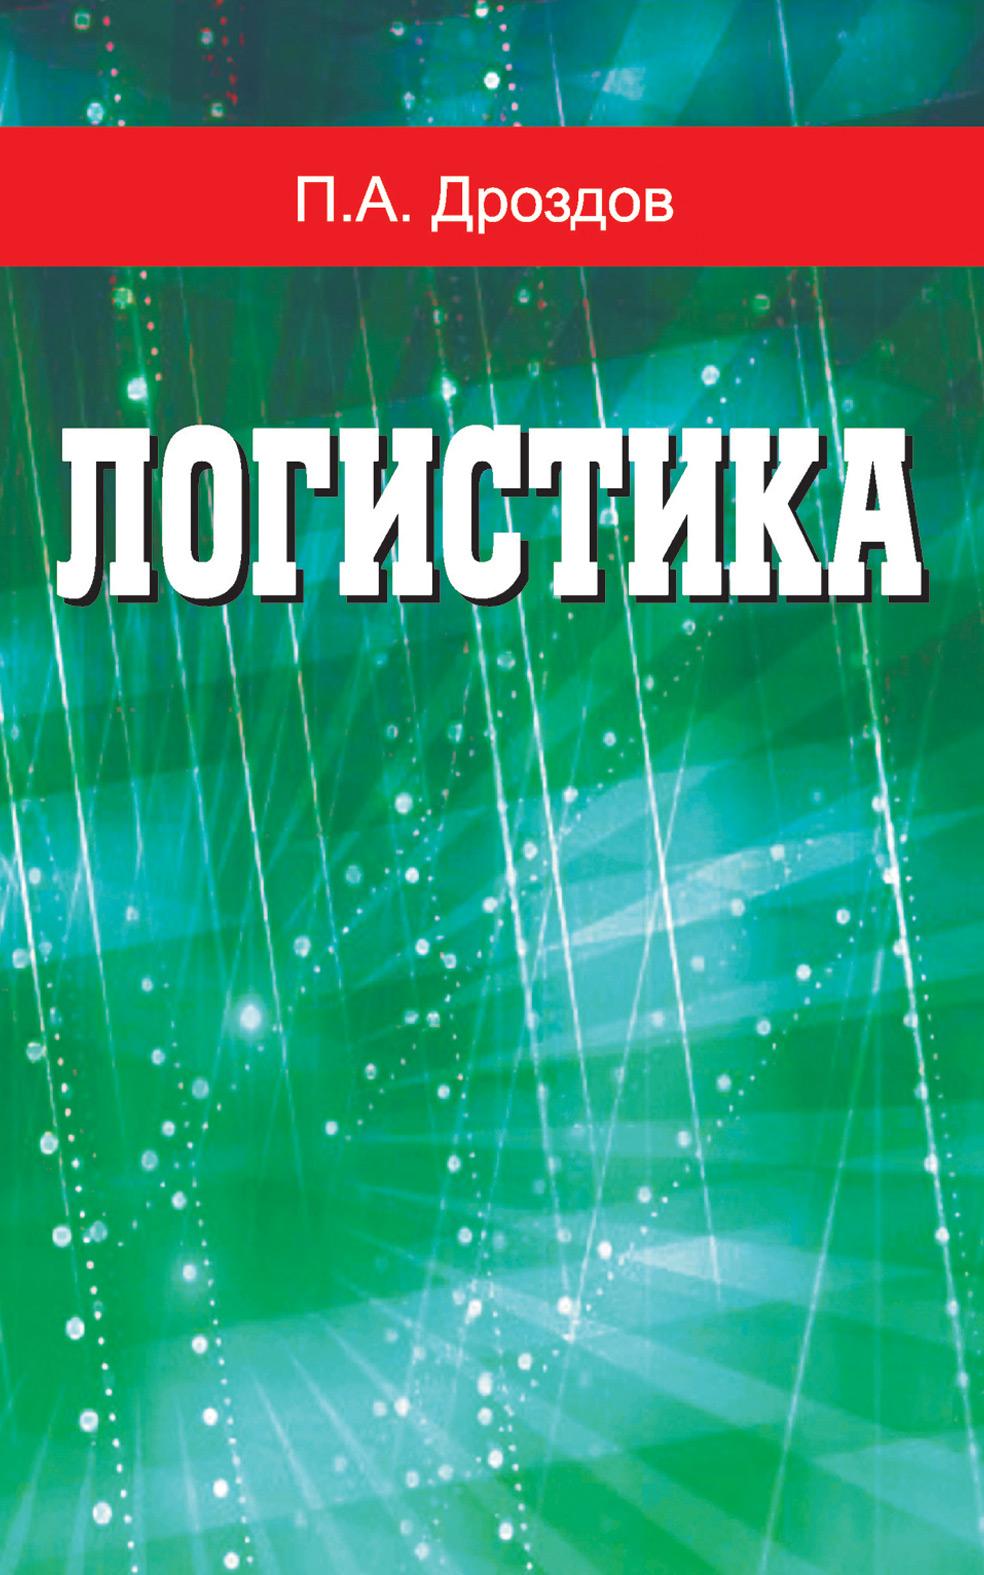 П. А. Дроздов Логистика гаджинский адиль мухтарович проектирование товаропроводящих систем на основе логистики учебник